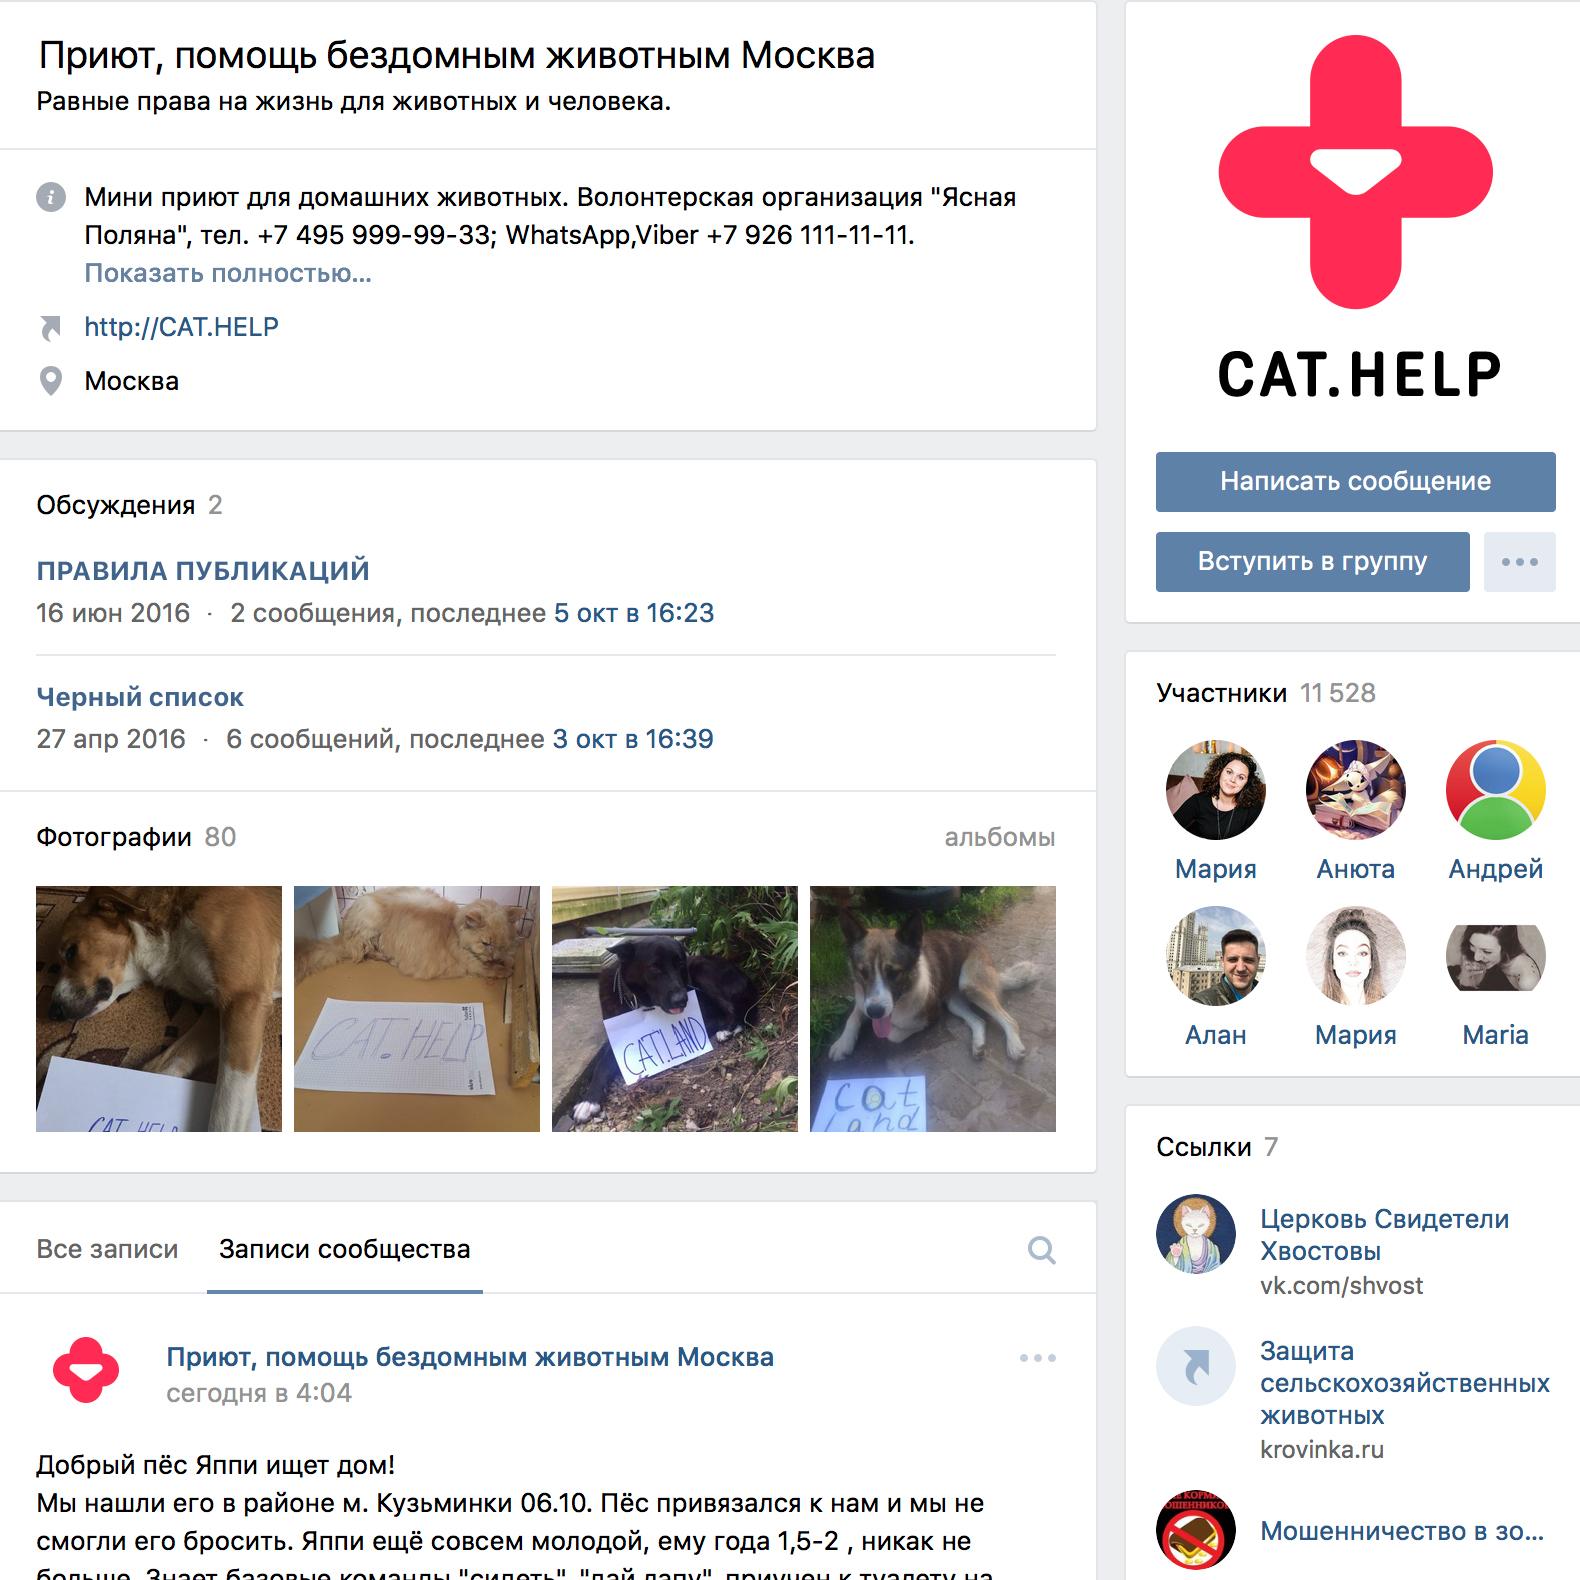 логотип для сайта и группы вк - cat.help фото f_30359d9c7edc2160.jpg